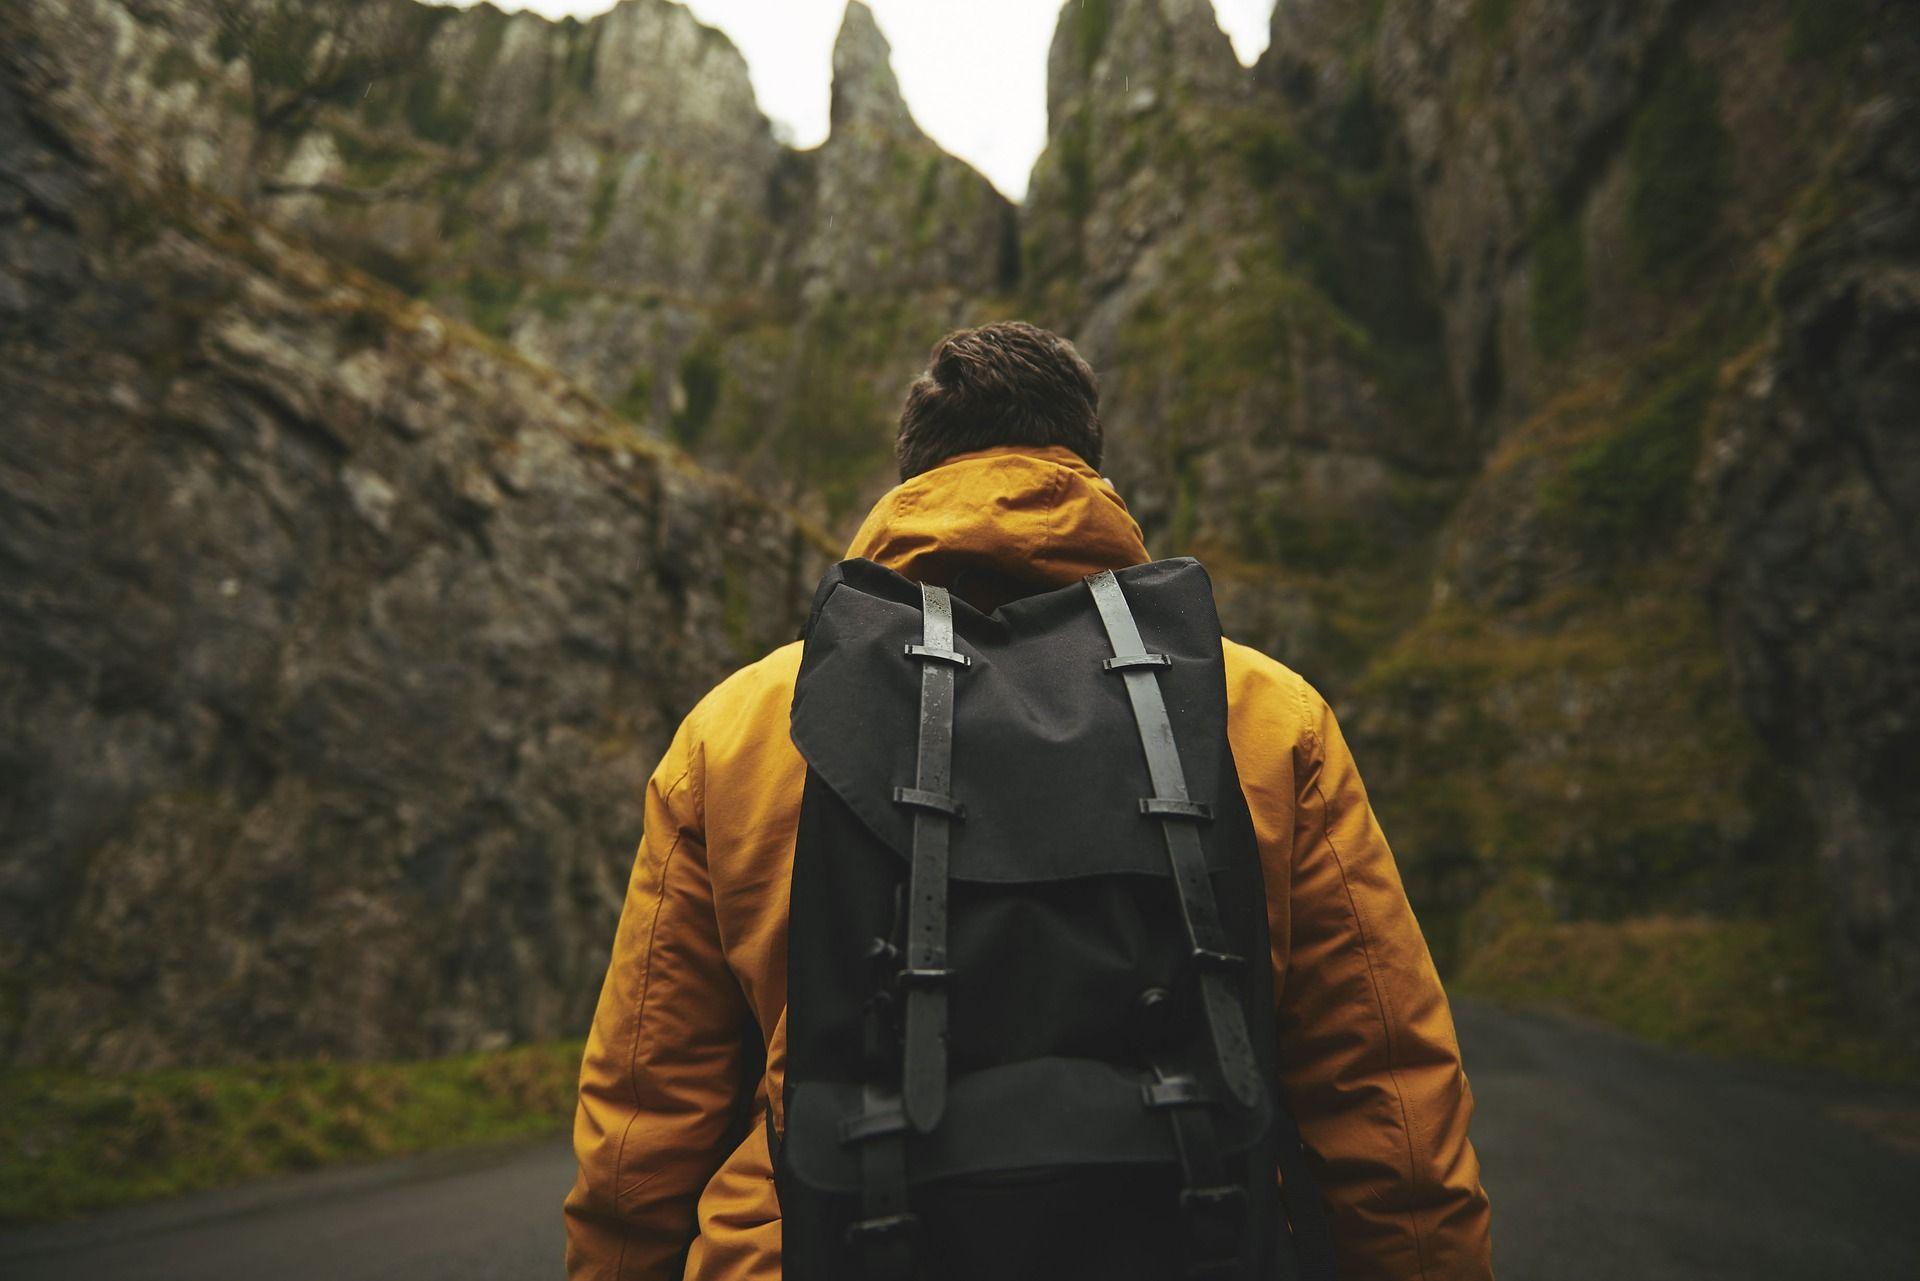 אדם במעיל צהוב נושא תרמיל מול ההרים, צילום: Pixabay